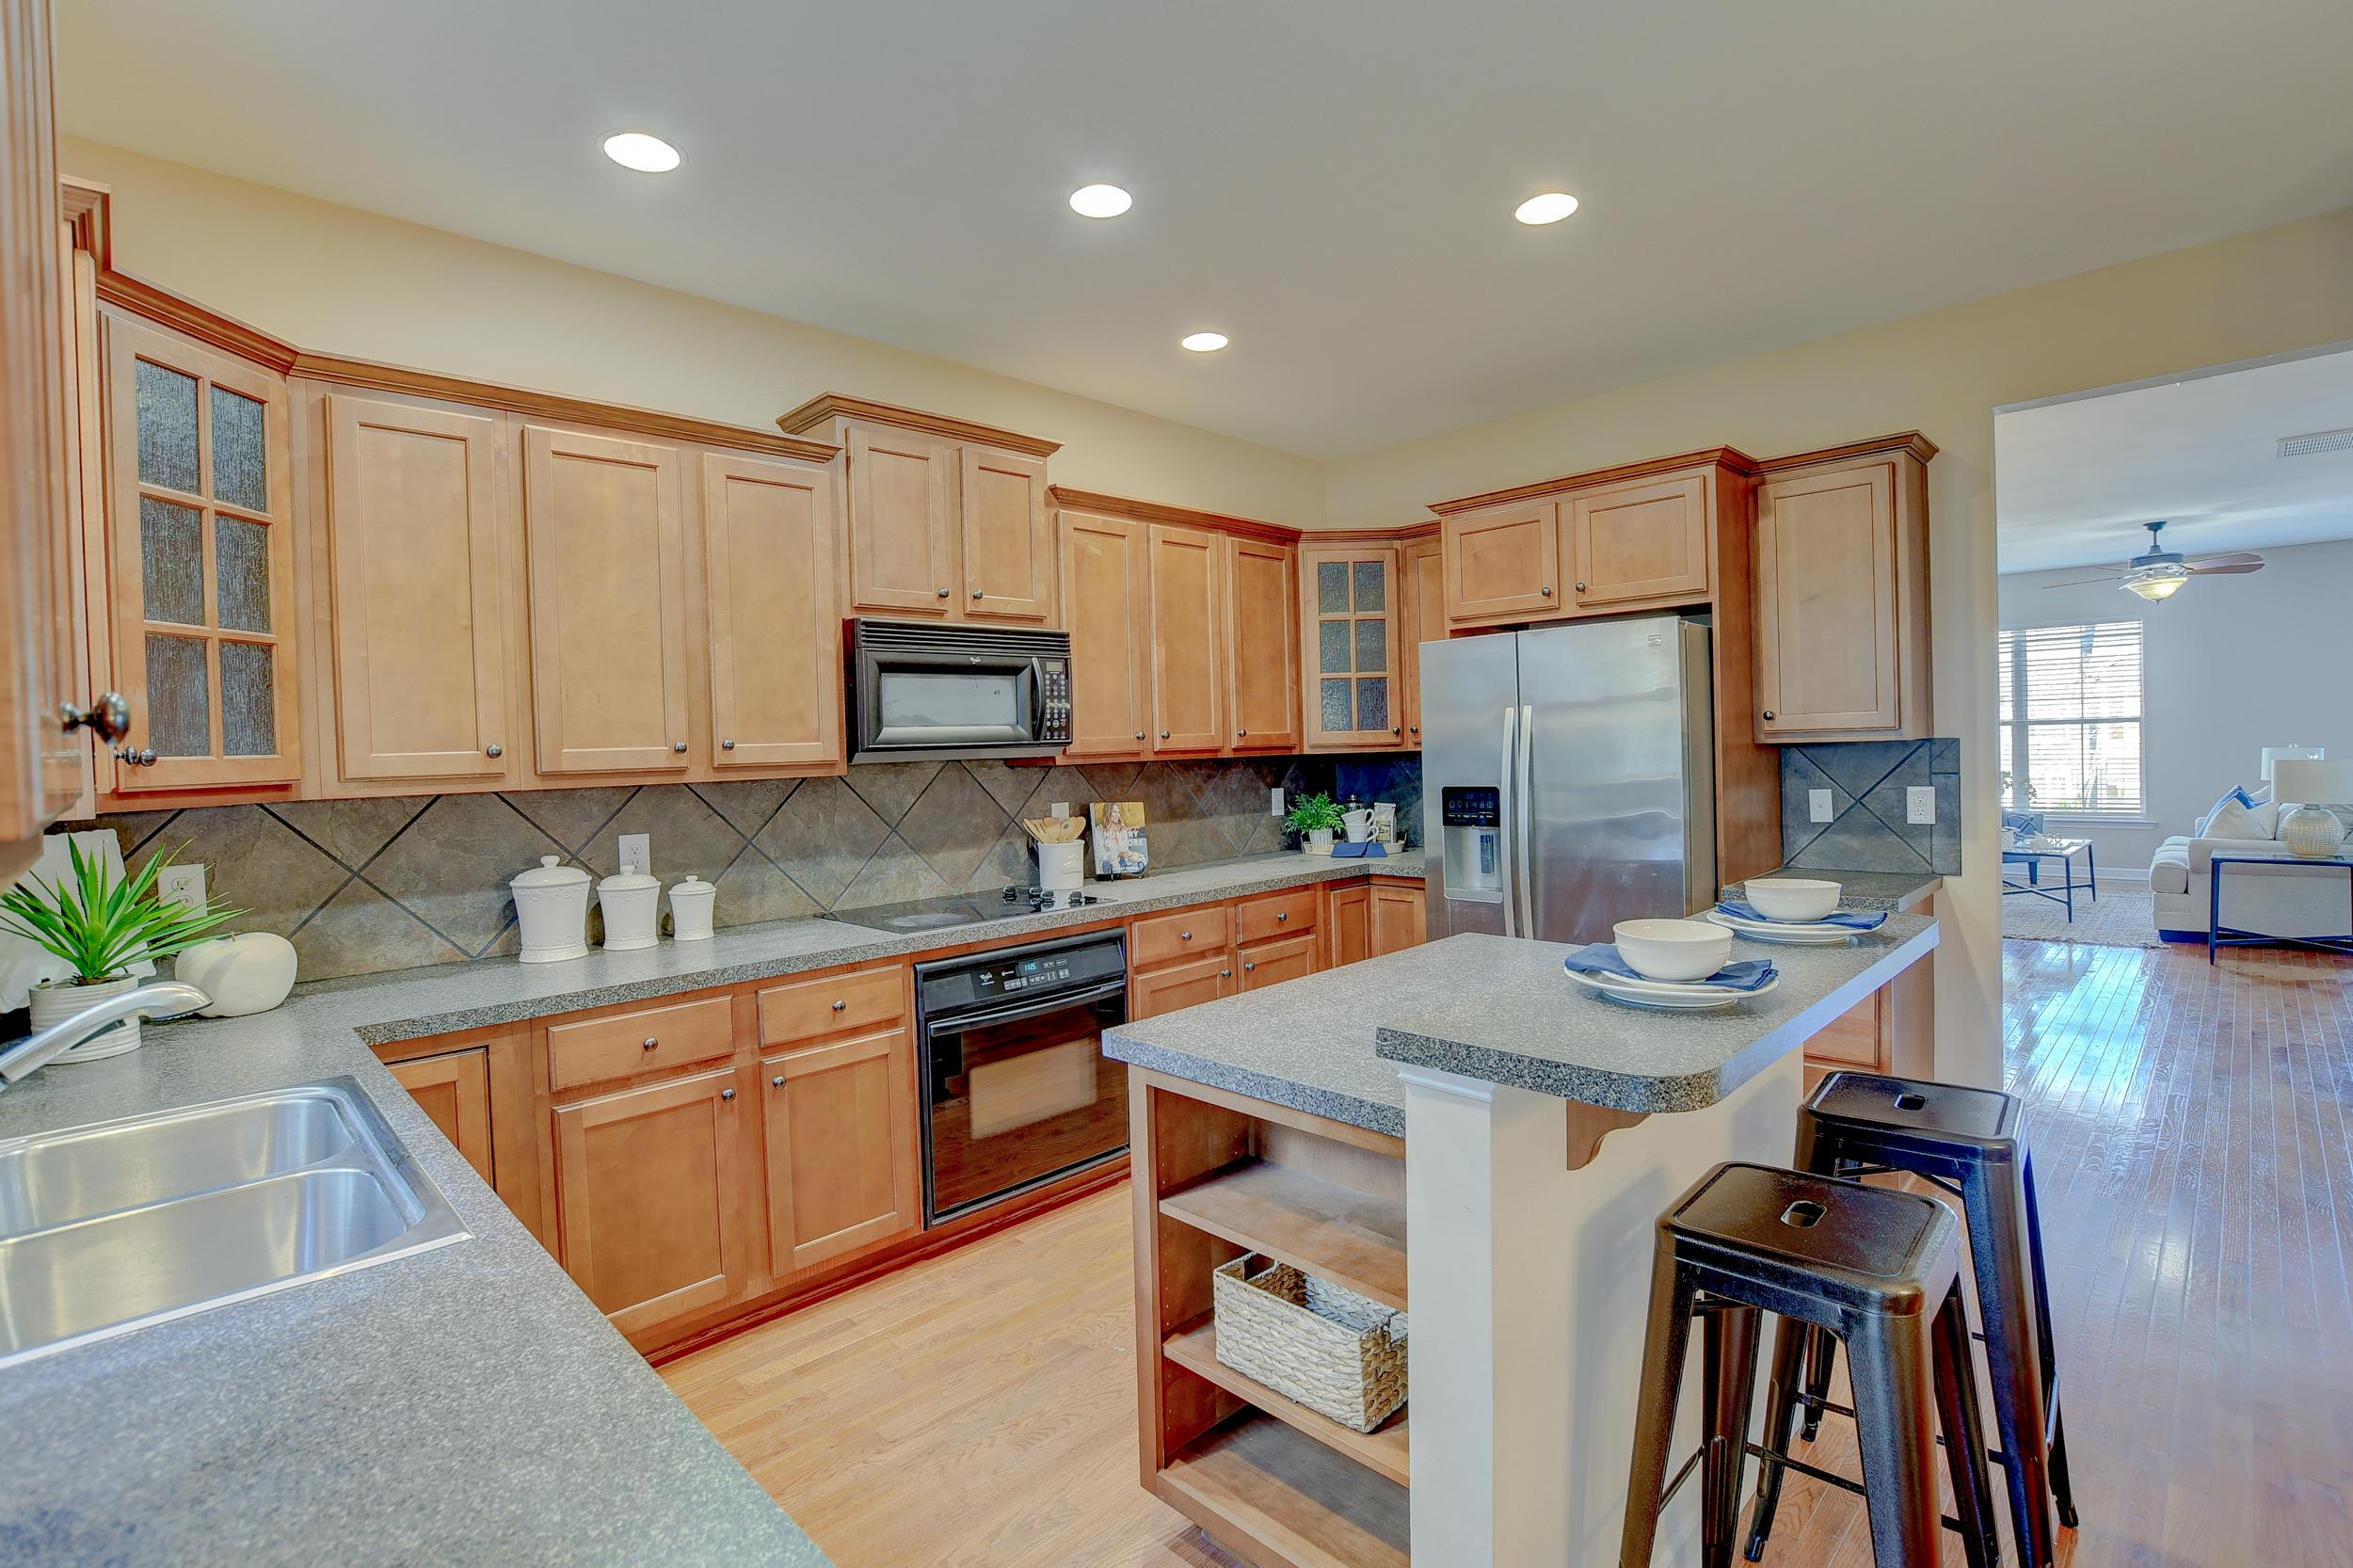 Dunes West Homes For Sale - 264 Fair Sailing, Mount Pleasant, SC - 10